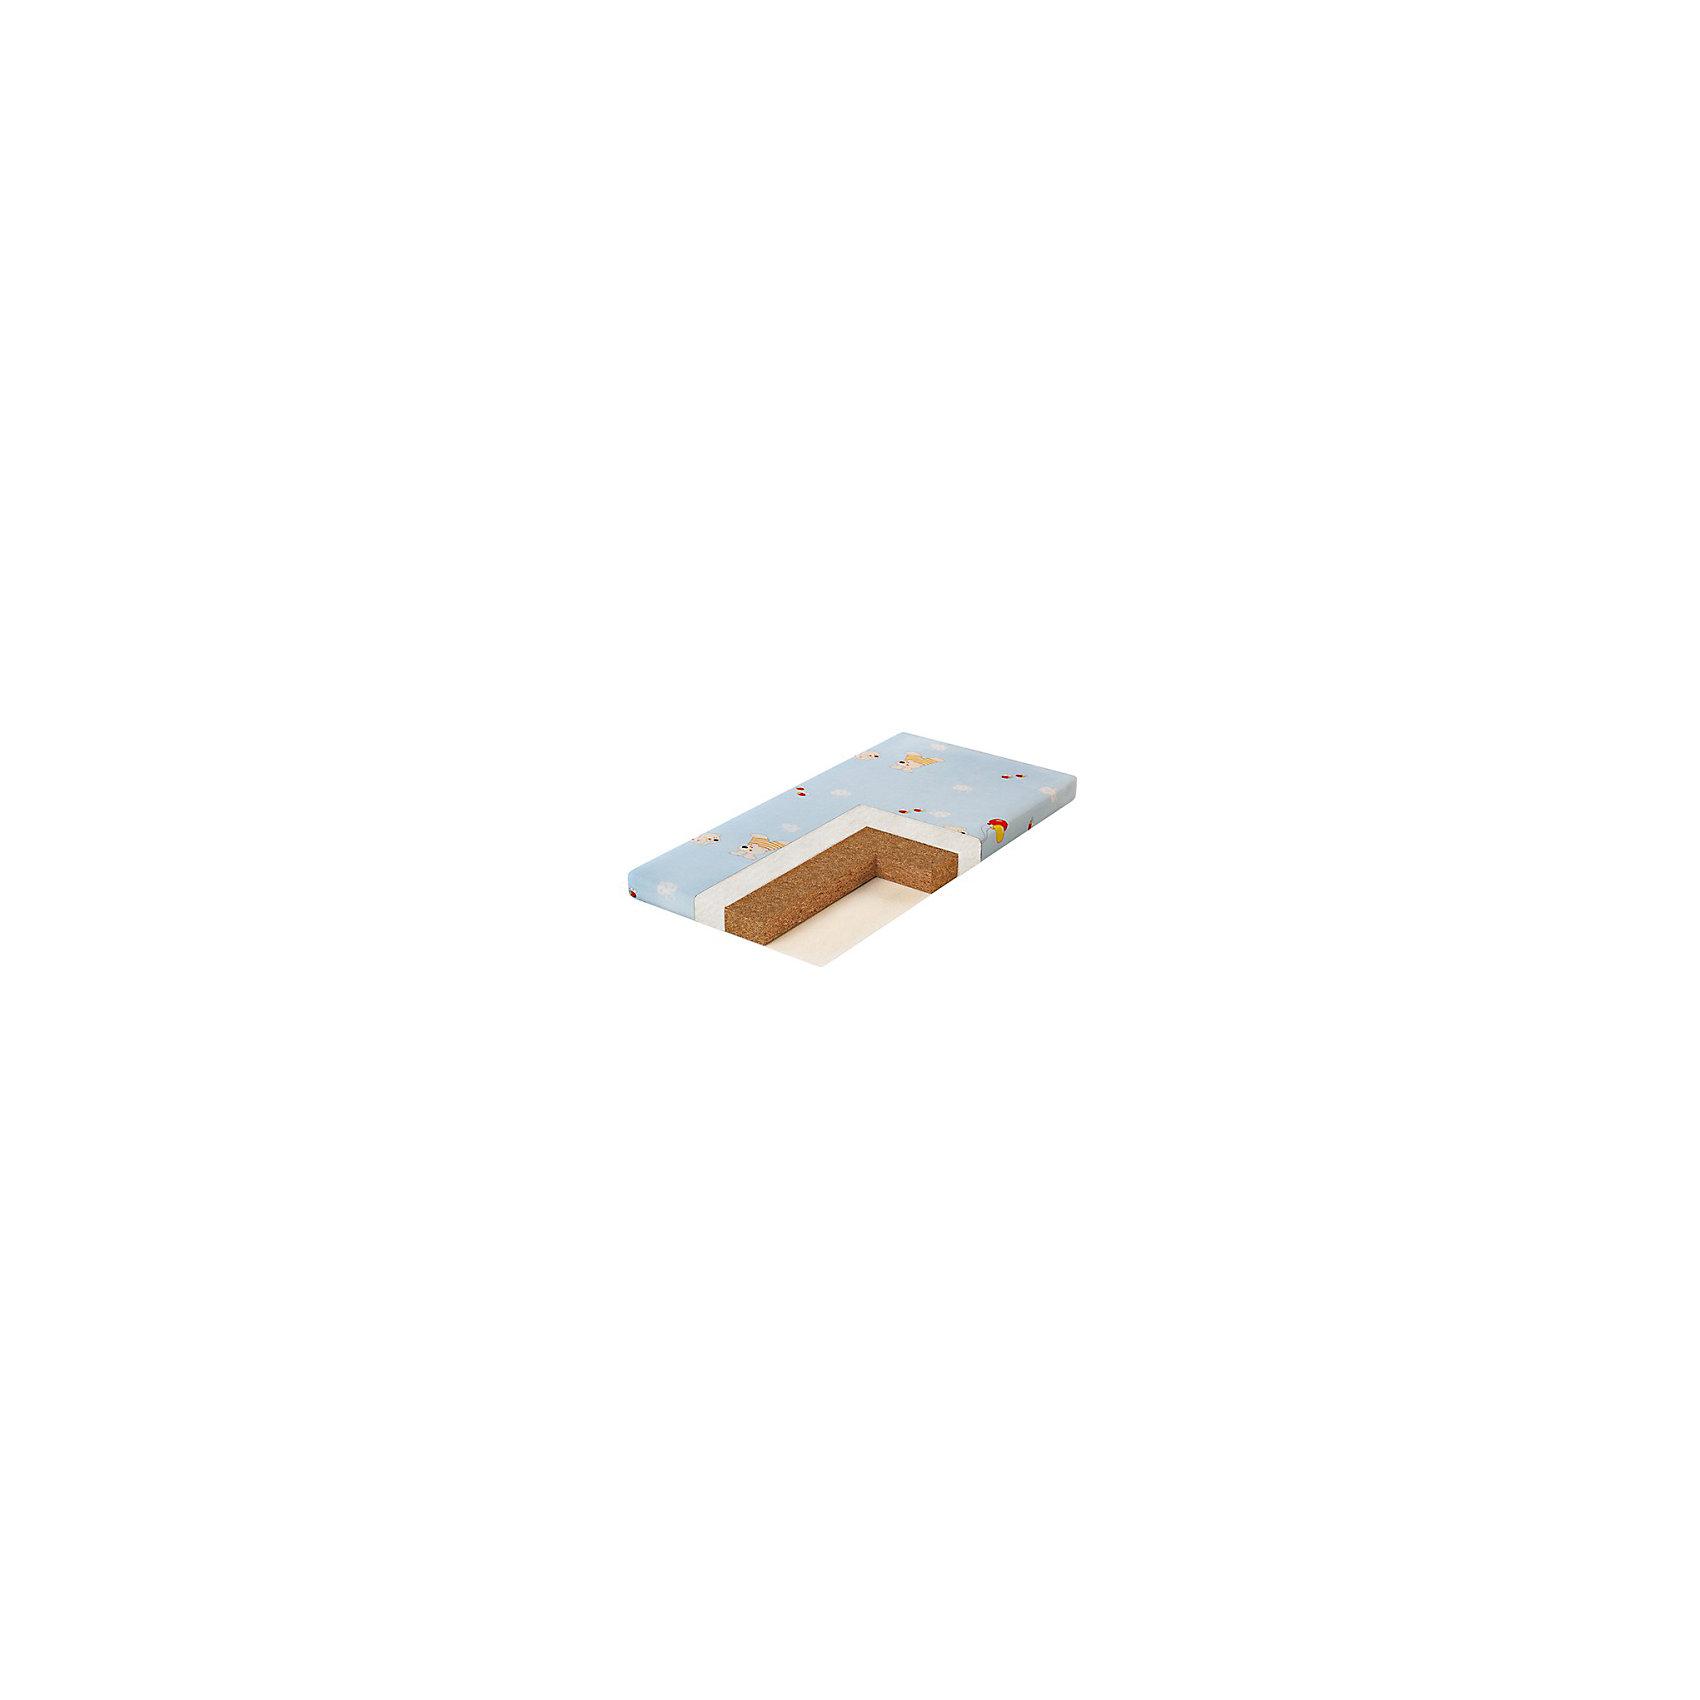 Матрац Ю-119-01 Юниор, Plantex, 1190х600х60 ммЮниор, Plantex,  - детский двухсторонний матрас со средней степенью жесткости.  Изготовлен из кокосовой койры, обладающей прочностью, долговечностью и эластичностью, также она абсолютно гипоаллергенна, воздухопроницаема и влагоустойчива и обеспечивает правильное развитие позвоночника малыша. Настилочный материал Airotek экологически чистый и гипоаллергенный. Съемный чехол на молнии – бязь, 100% хлопок. . Все материалы высокого качества, с ними вы сможете подарить ребенку комфортный и безопасный сон.<br>Особенности и преимущества:<br>-гипоаллергенный, долговечный материал,<br>-матрас можно использовать с рождения<br>-позволяет сформировать правильную осанку у малыша<br>-легко чистить<br>Материалы: кокосовая койра, хлопок, airotek<br>Размеры: 119x60x6 см<br>Вес: 3 кг<br>Вы можете приобрести матрас «Юниор» в нашем интернет-магазине.<br><br>Ширина мм: 1190<br>Глубина мм: 600<br>Высота мм: 60<br>Вес г: 3000<br>Возраст от месяцев: 0<br>Возраст до месяцев: 36<br>Пол: Унисекс<br>Возраст: Детский<br>SKU: 4905322